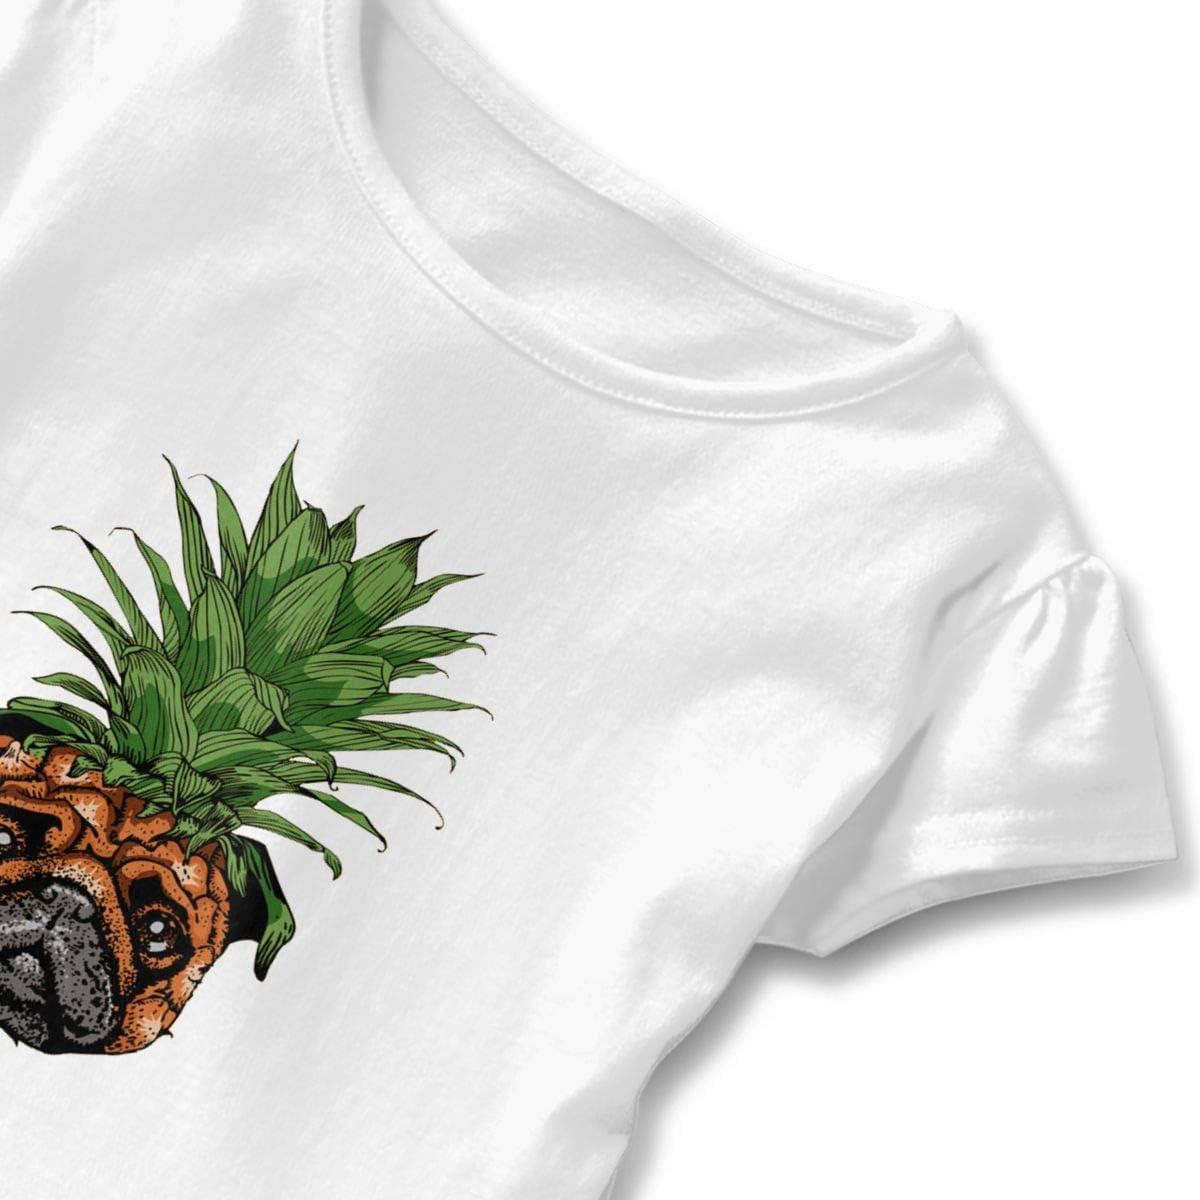 Cheng Jian Bo Pineapple Pug Toddler Girls T Shirt Kids Cotton Short Sleeve Ruffle Tee